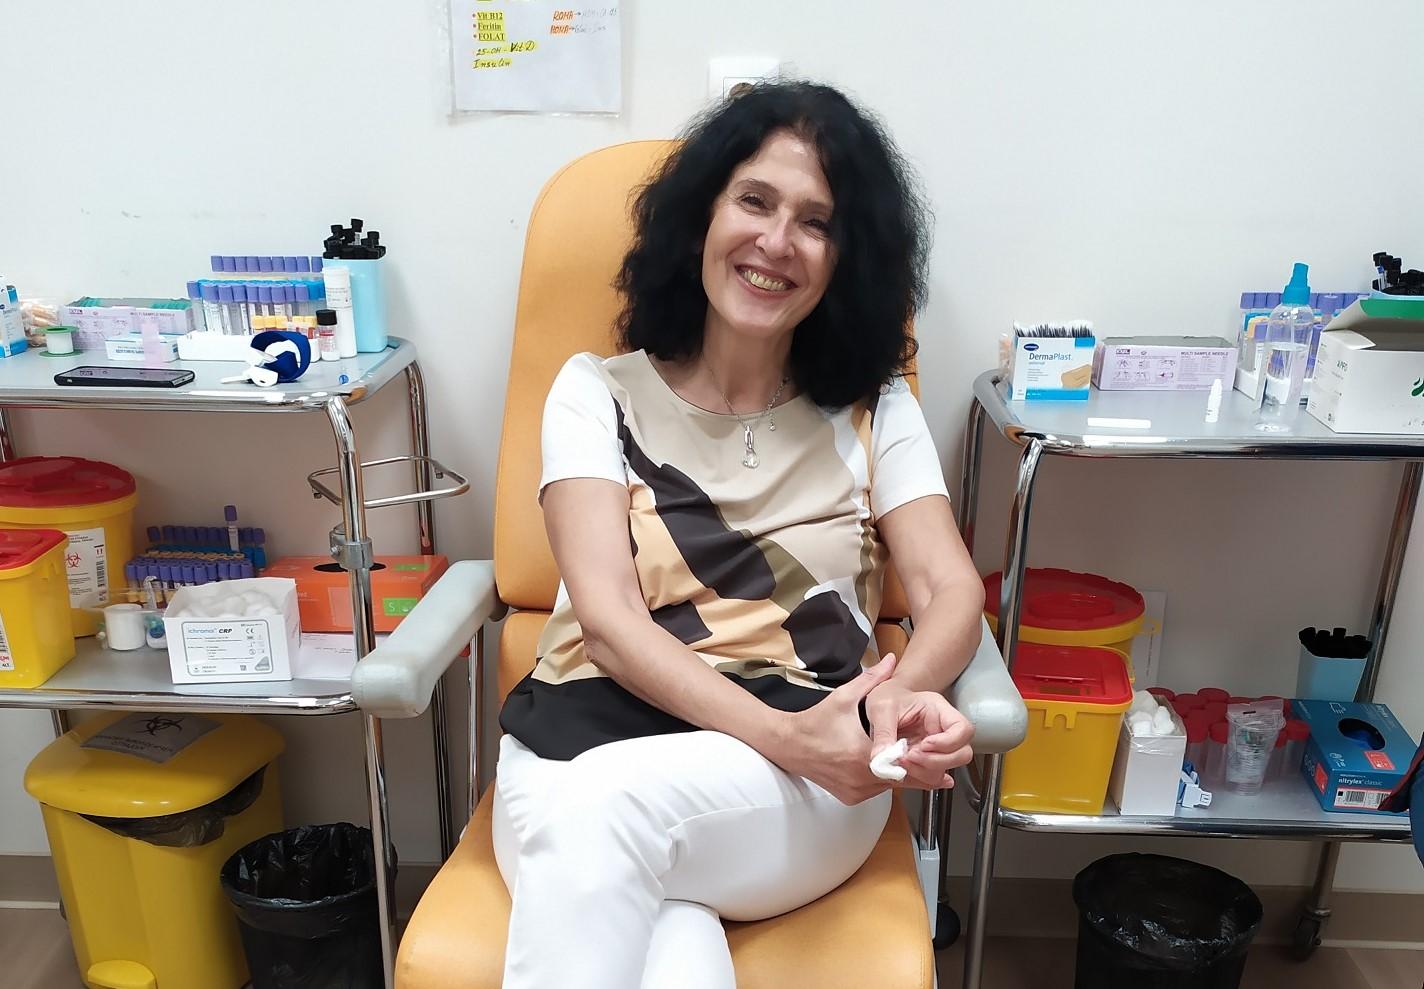 Остават 15 дни да се изследвате безплатно за хепатит С